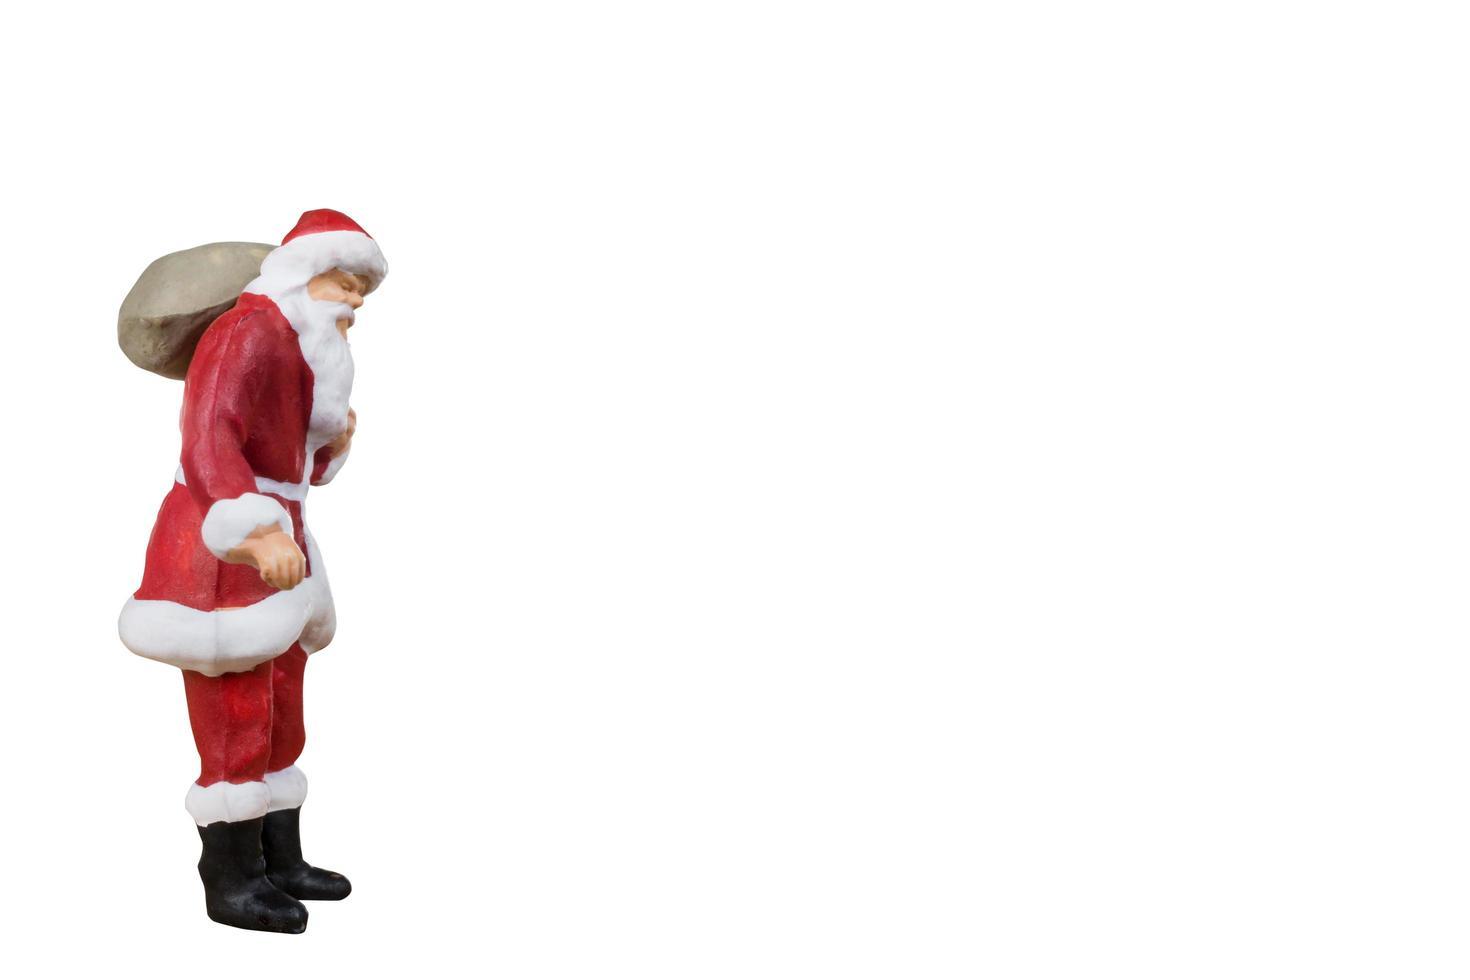 miniatuur kerstman met een tas geïsoleerd op een witte achtergrond foto